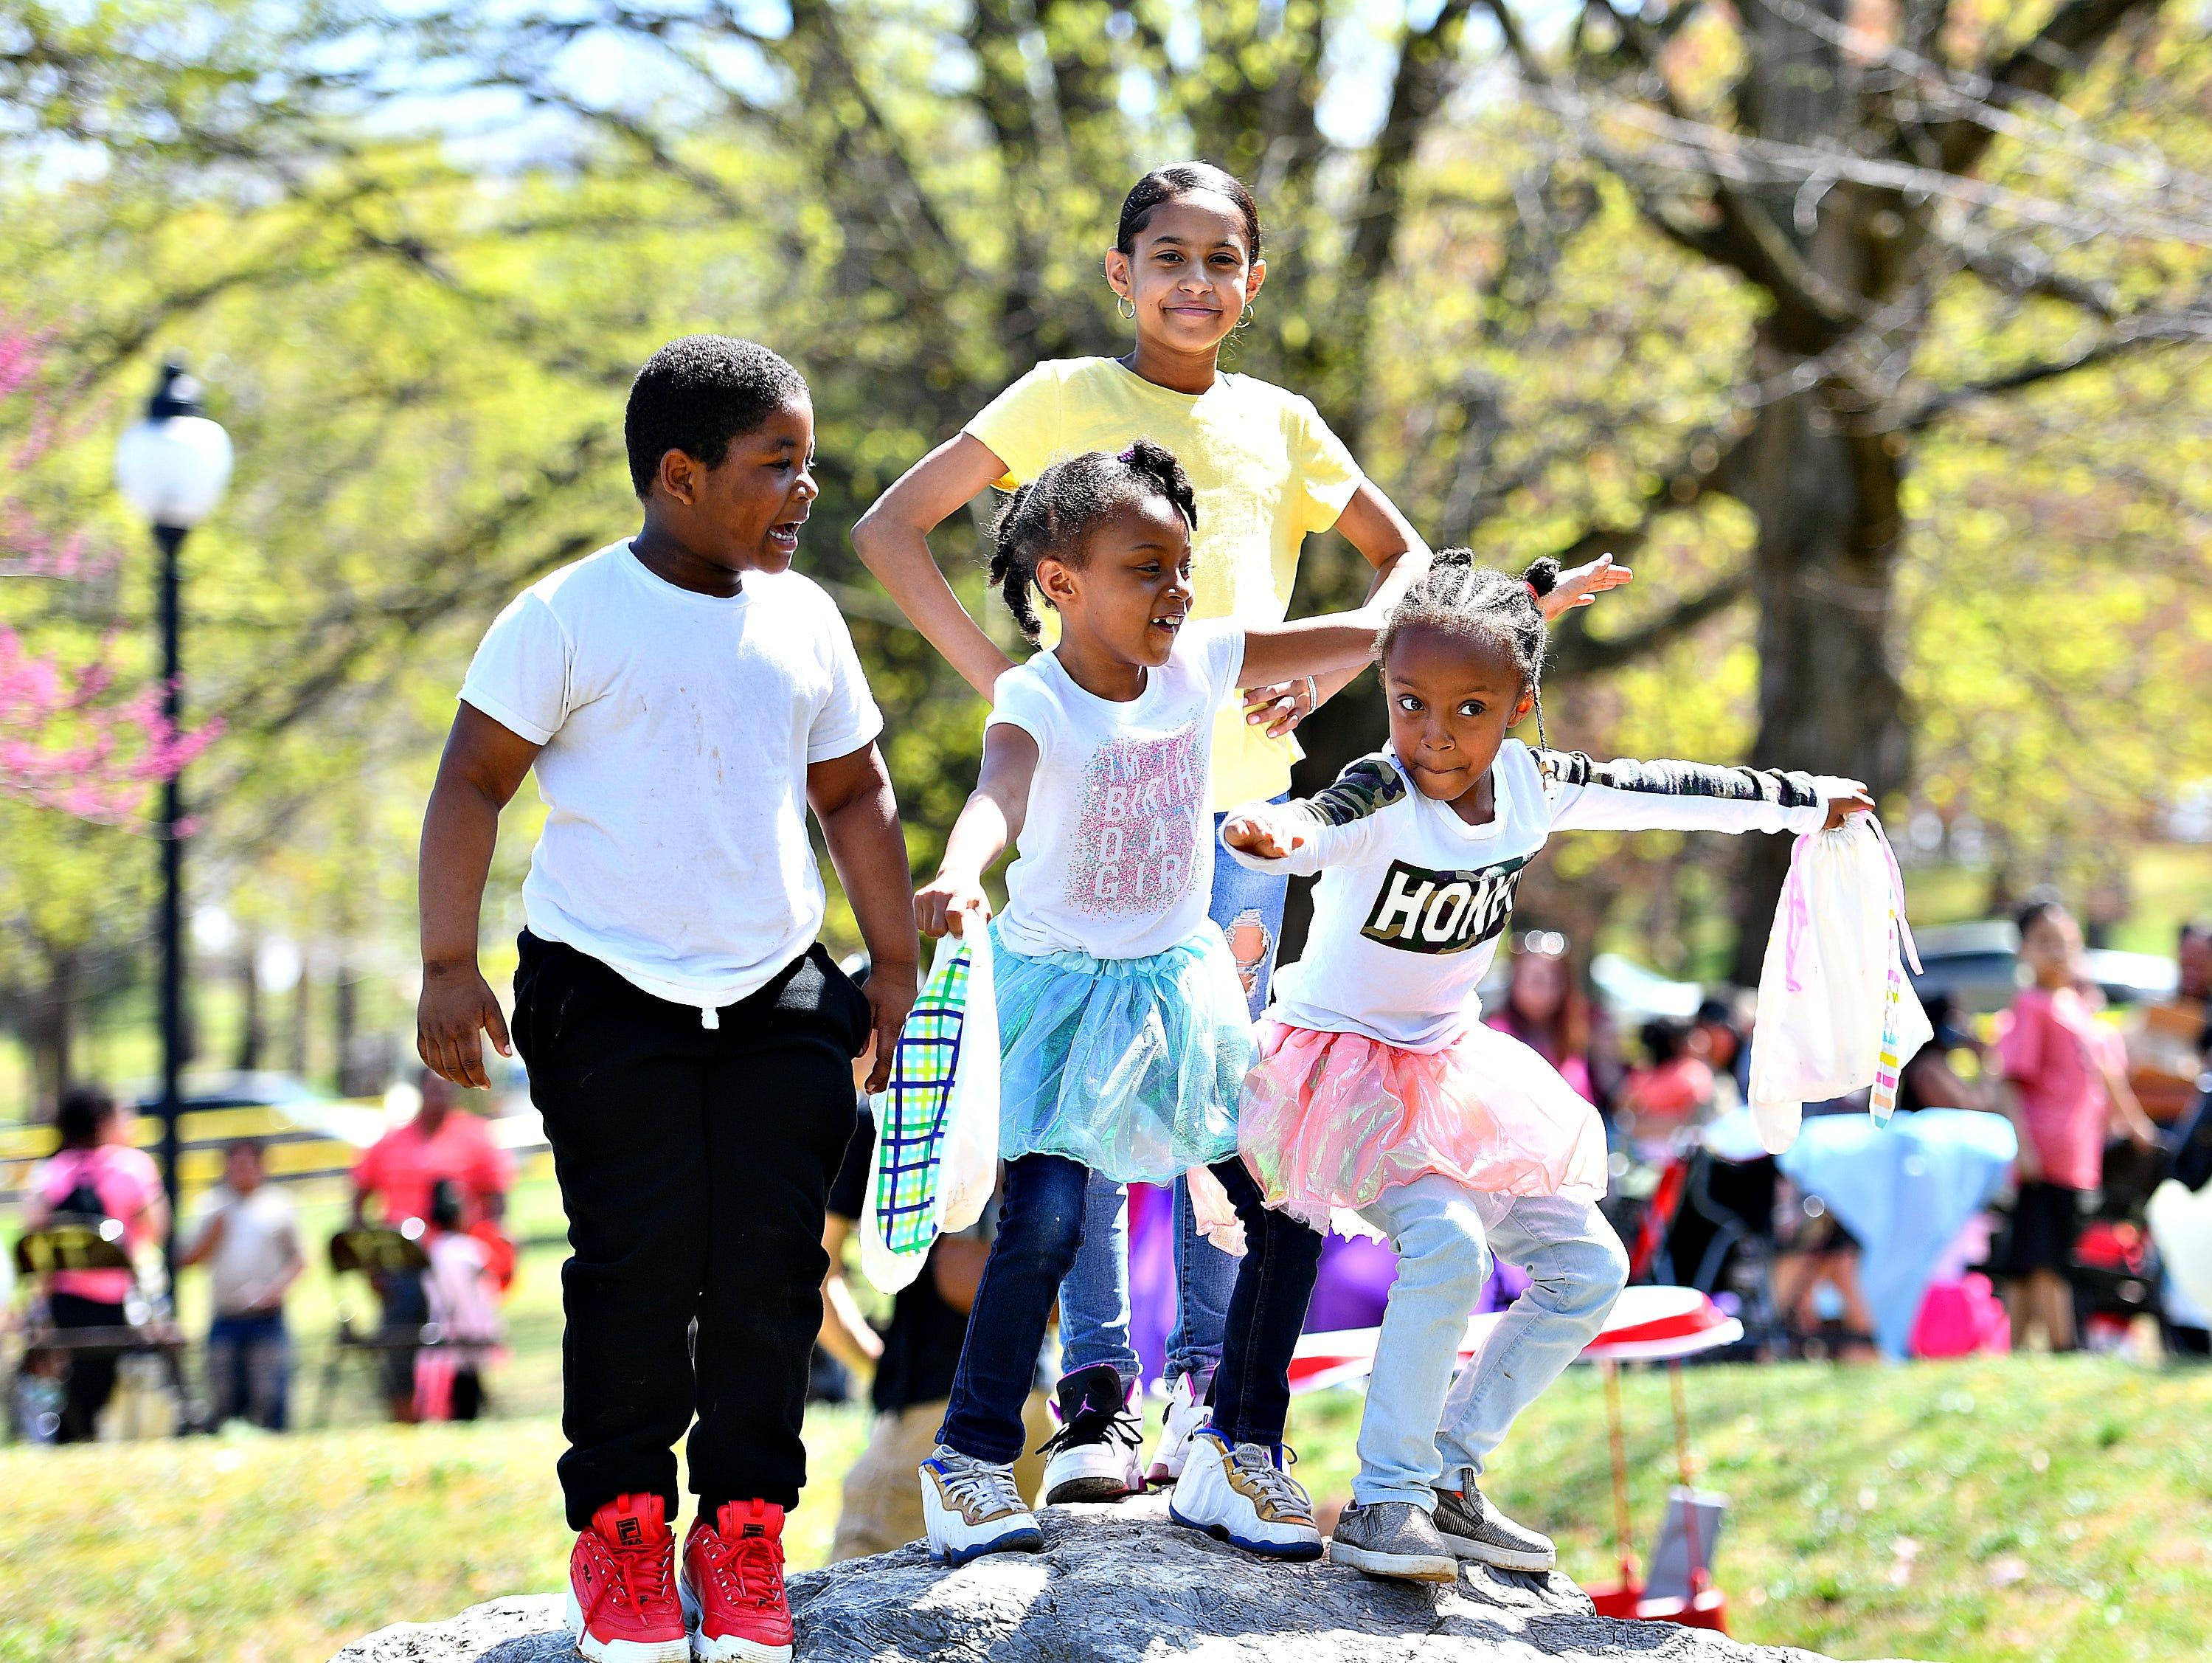 The 44th Annual York City Easter Egg Hunt at Kiwanis Lake in York City, Saturday, April 13, 2019. Dawn J. Sagert photo